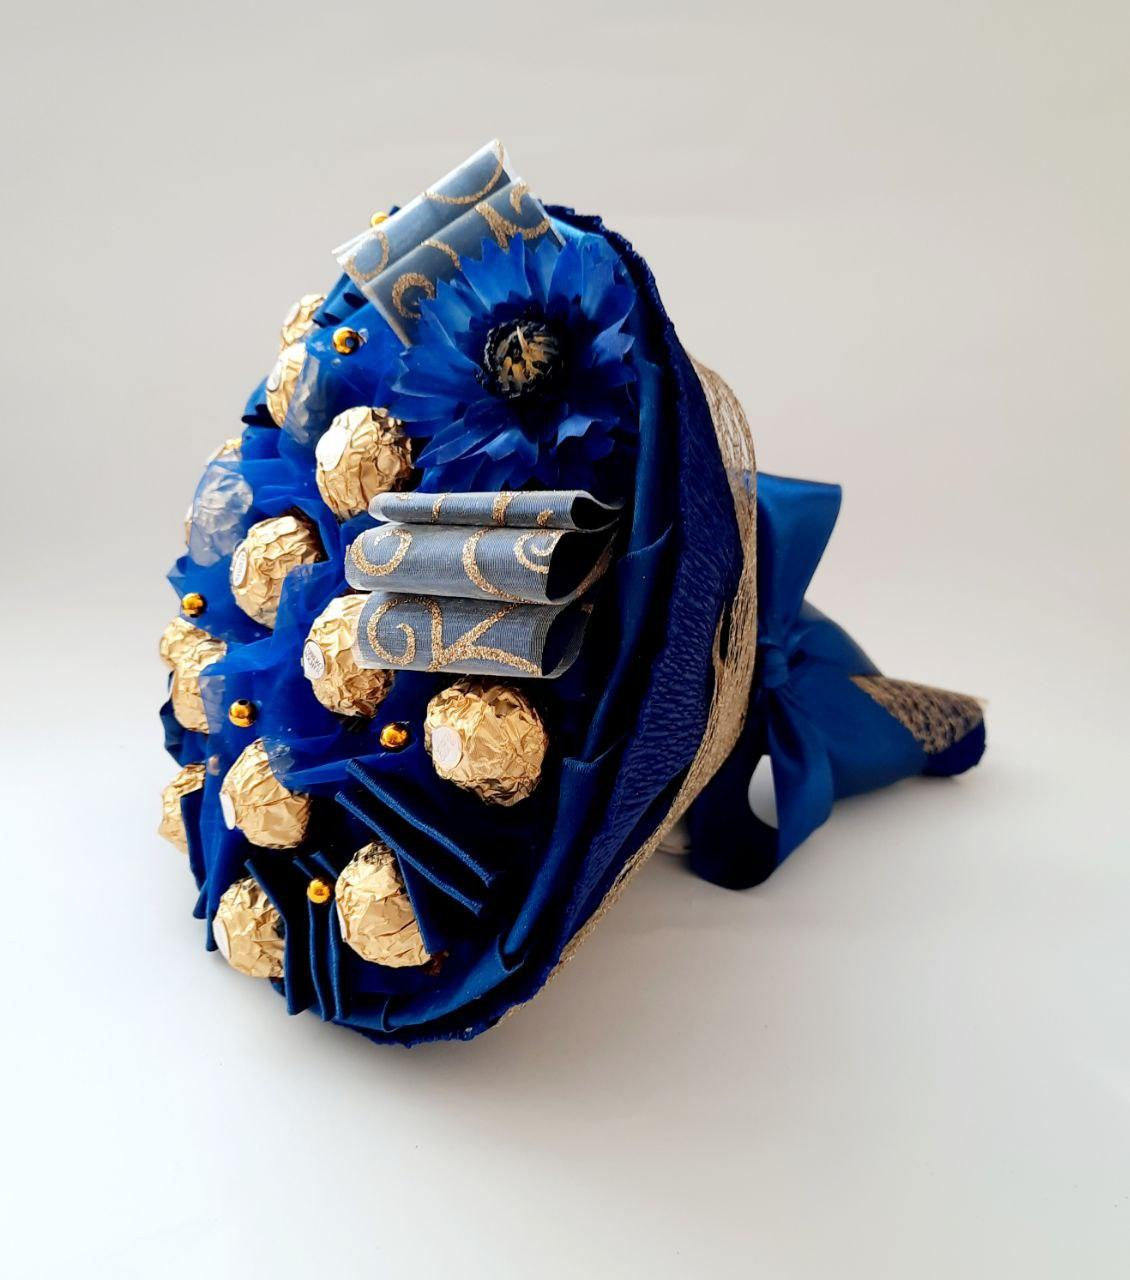 Букет из конфет / Сладкий букет / Конфетный букет /синий Васильковое поле вкусный подарок